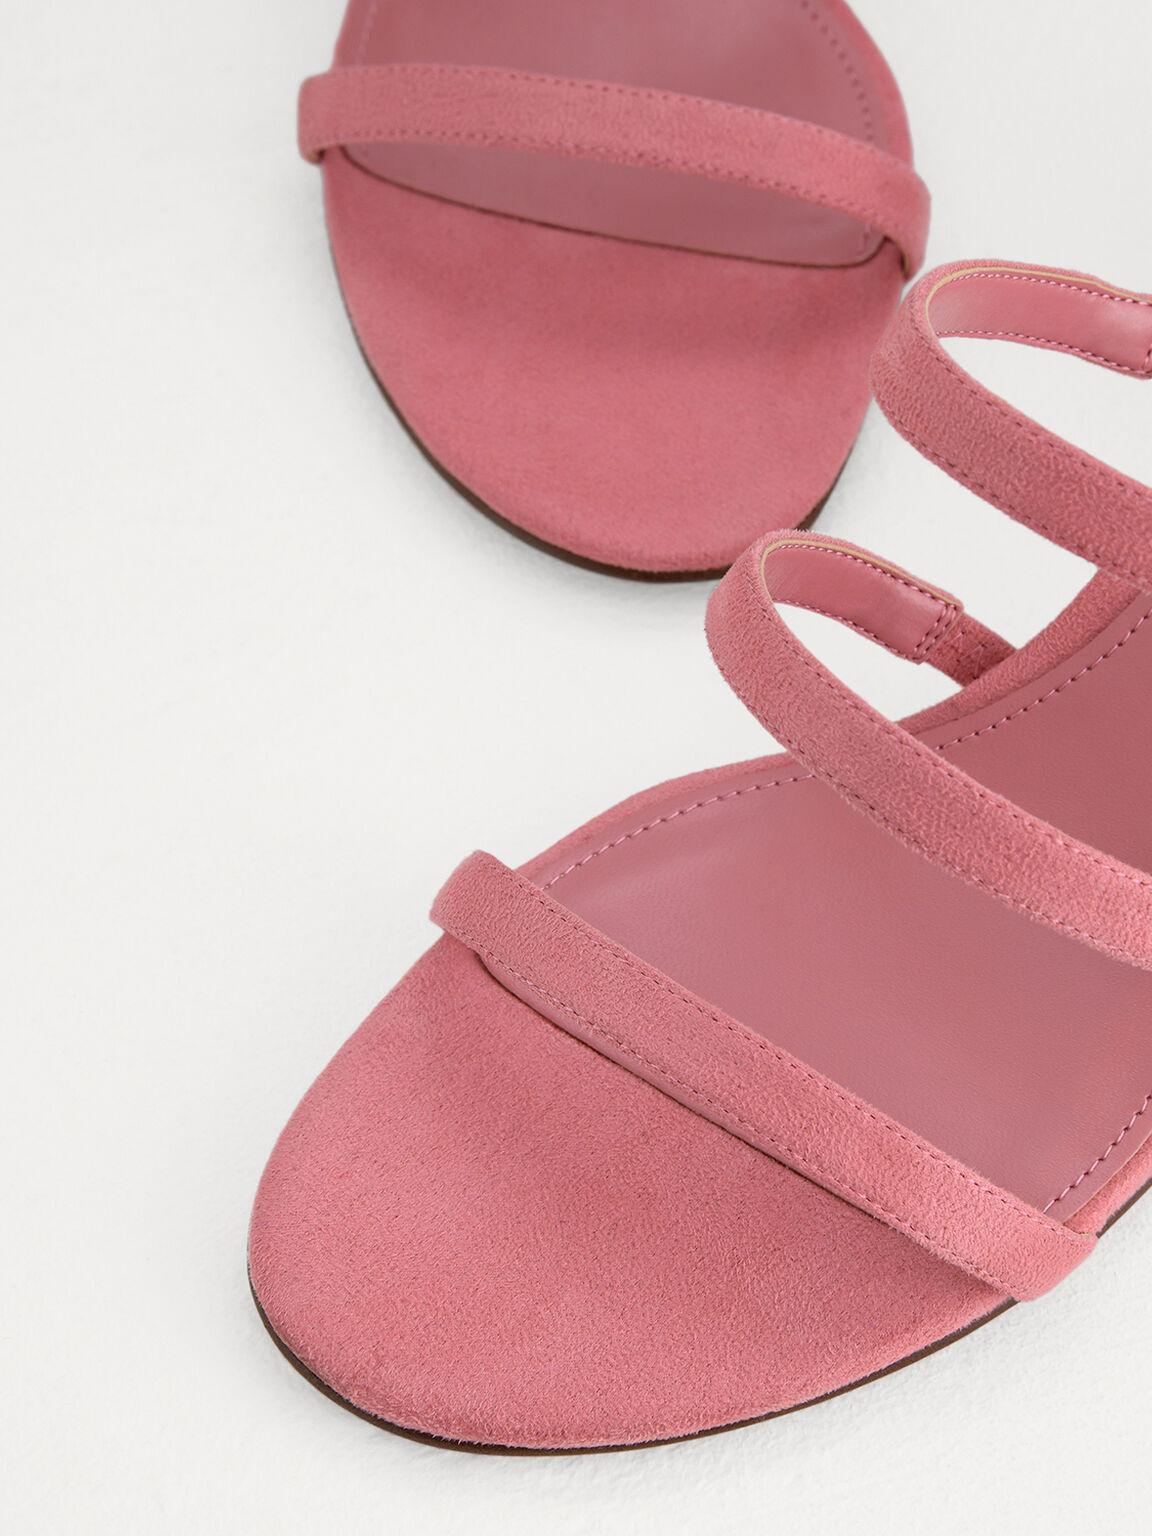 Strappy Heeled Sandals, Light Pink, hi-res